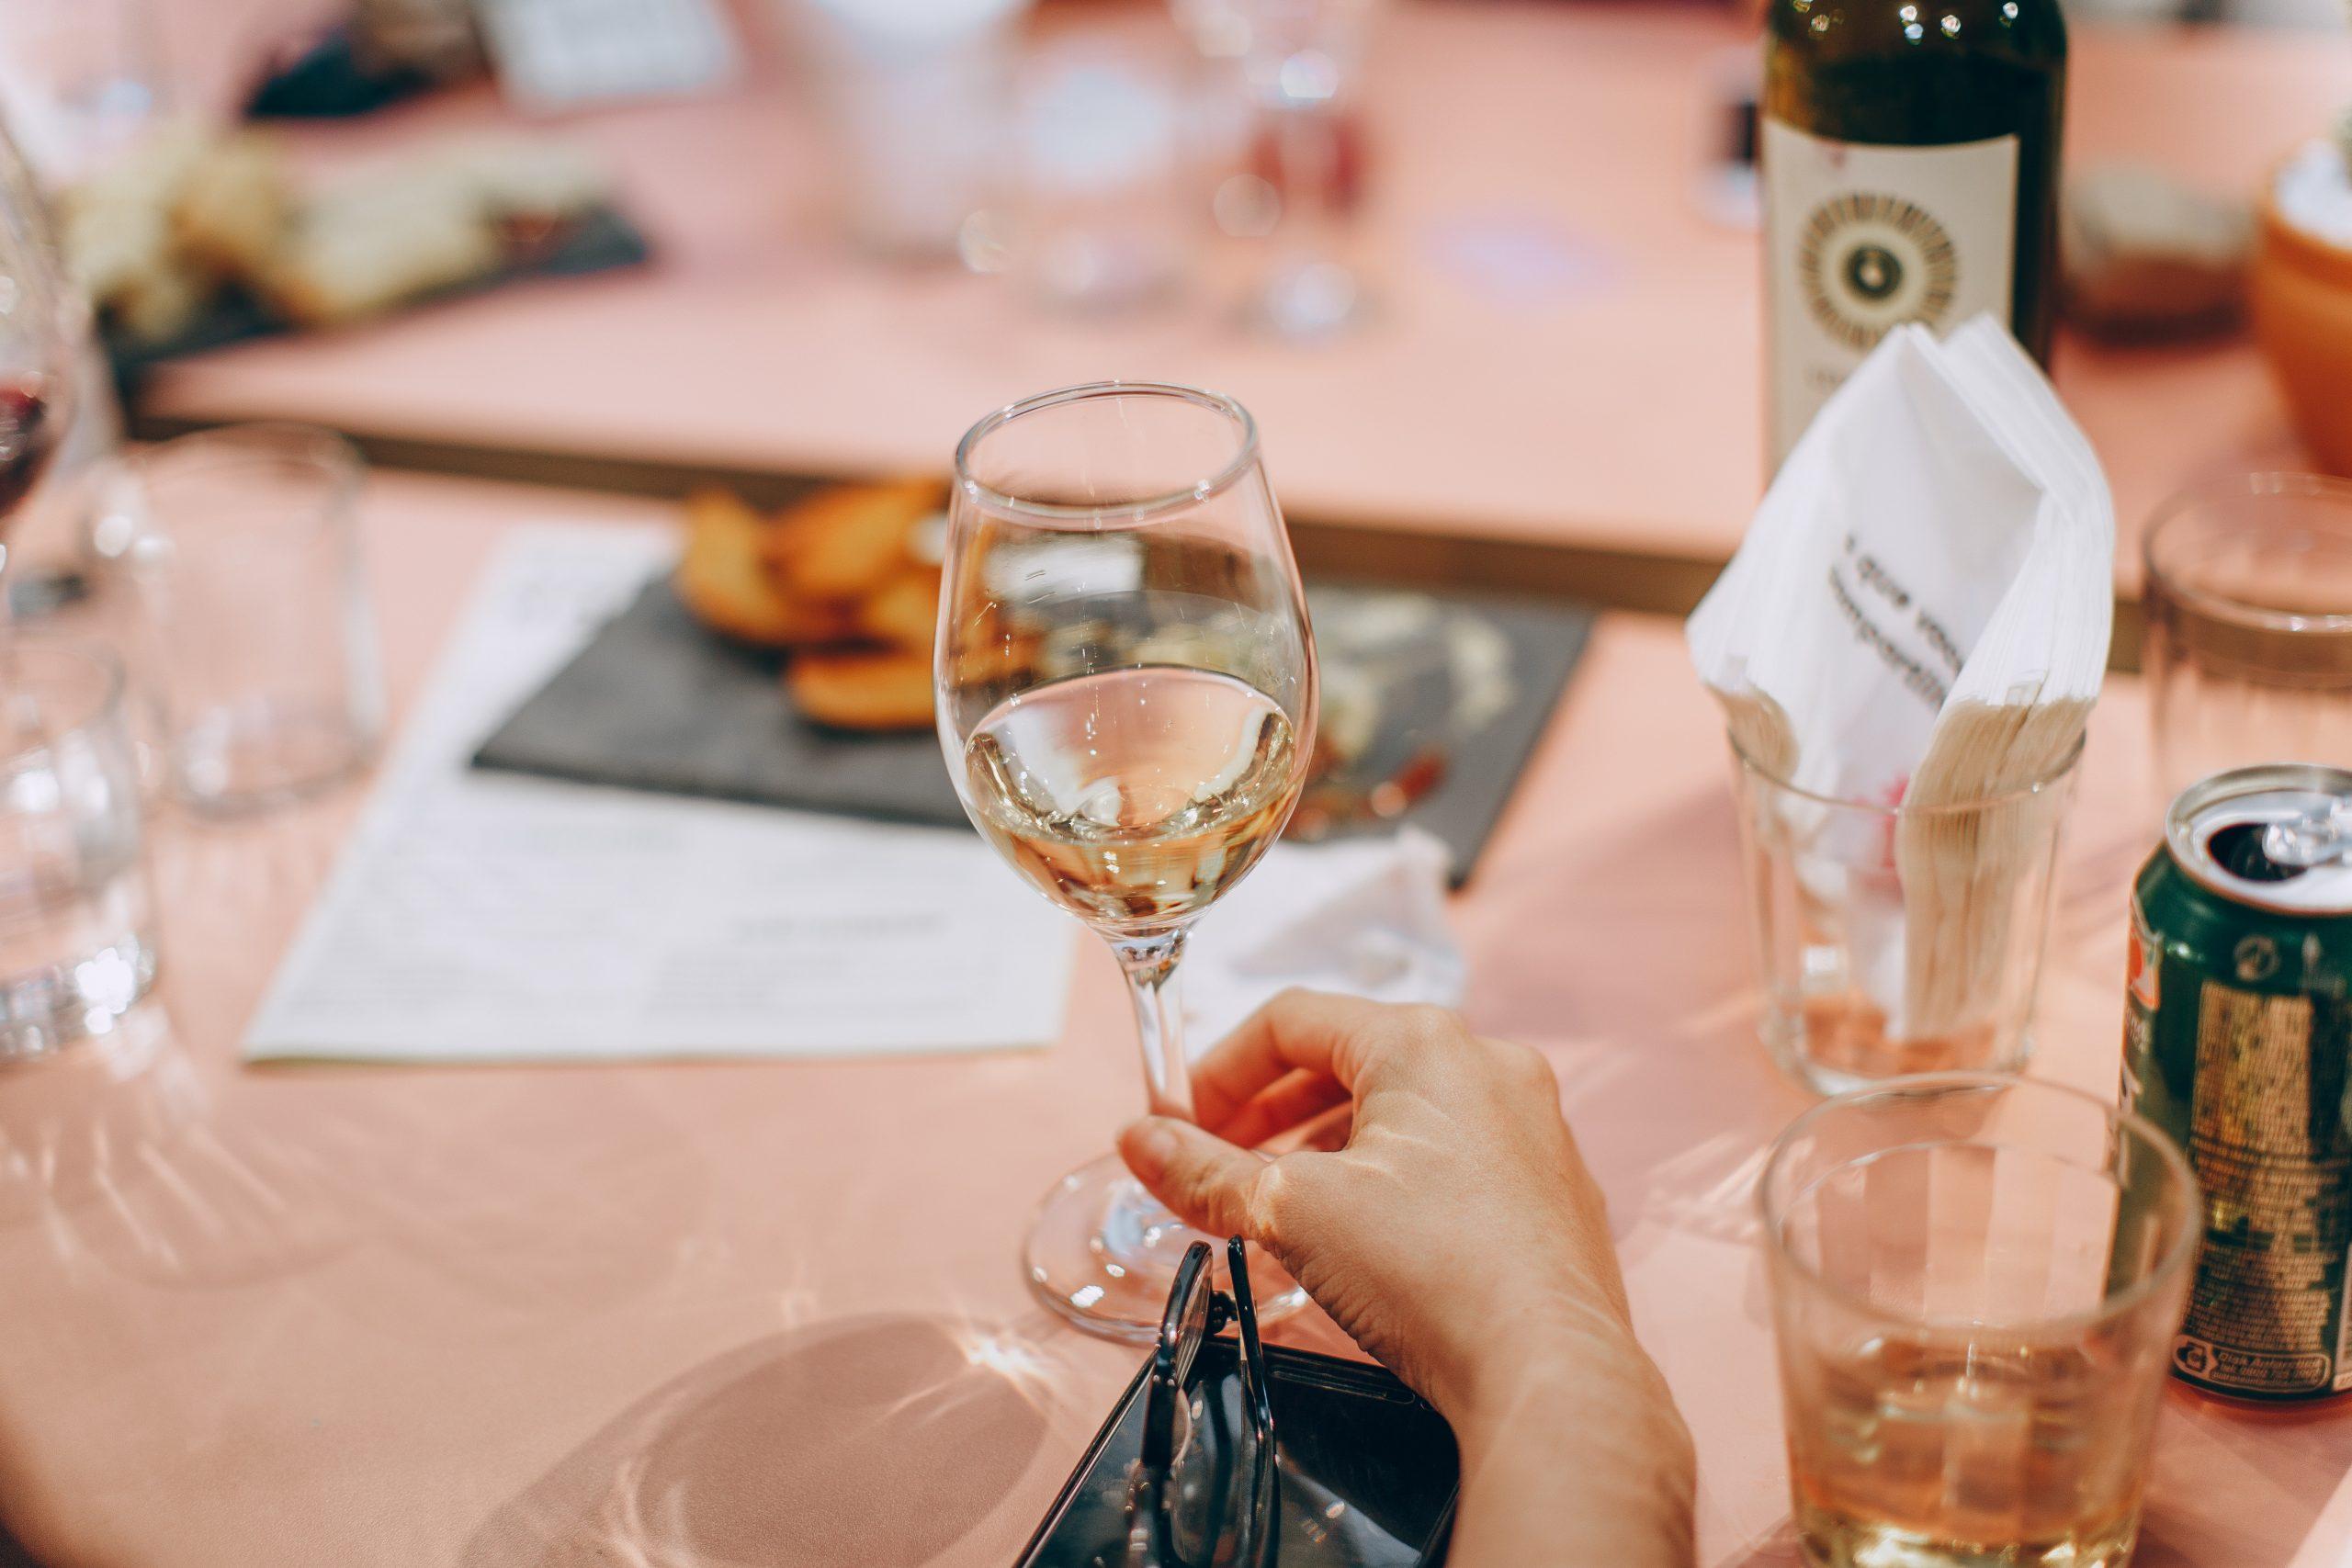 En la imagen, sobremesa con vino blanco. /Foto: Pexels